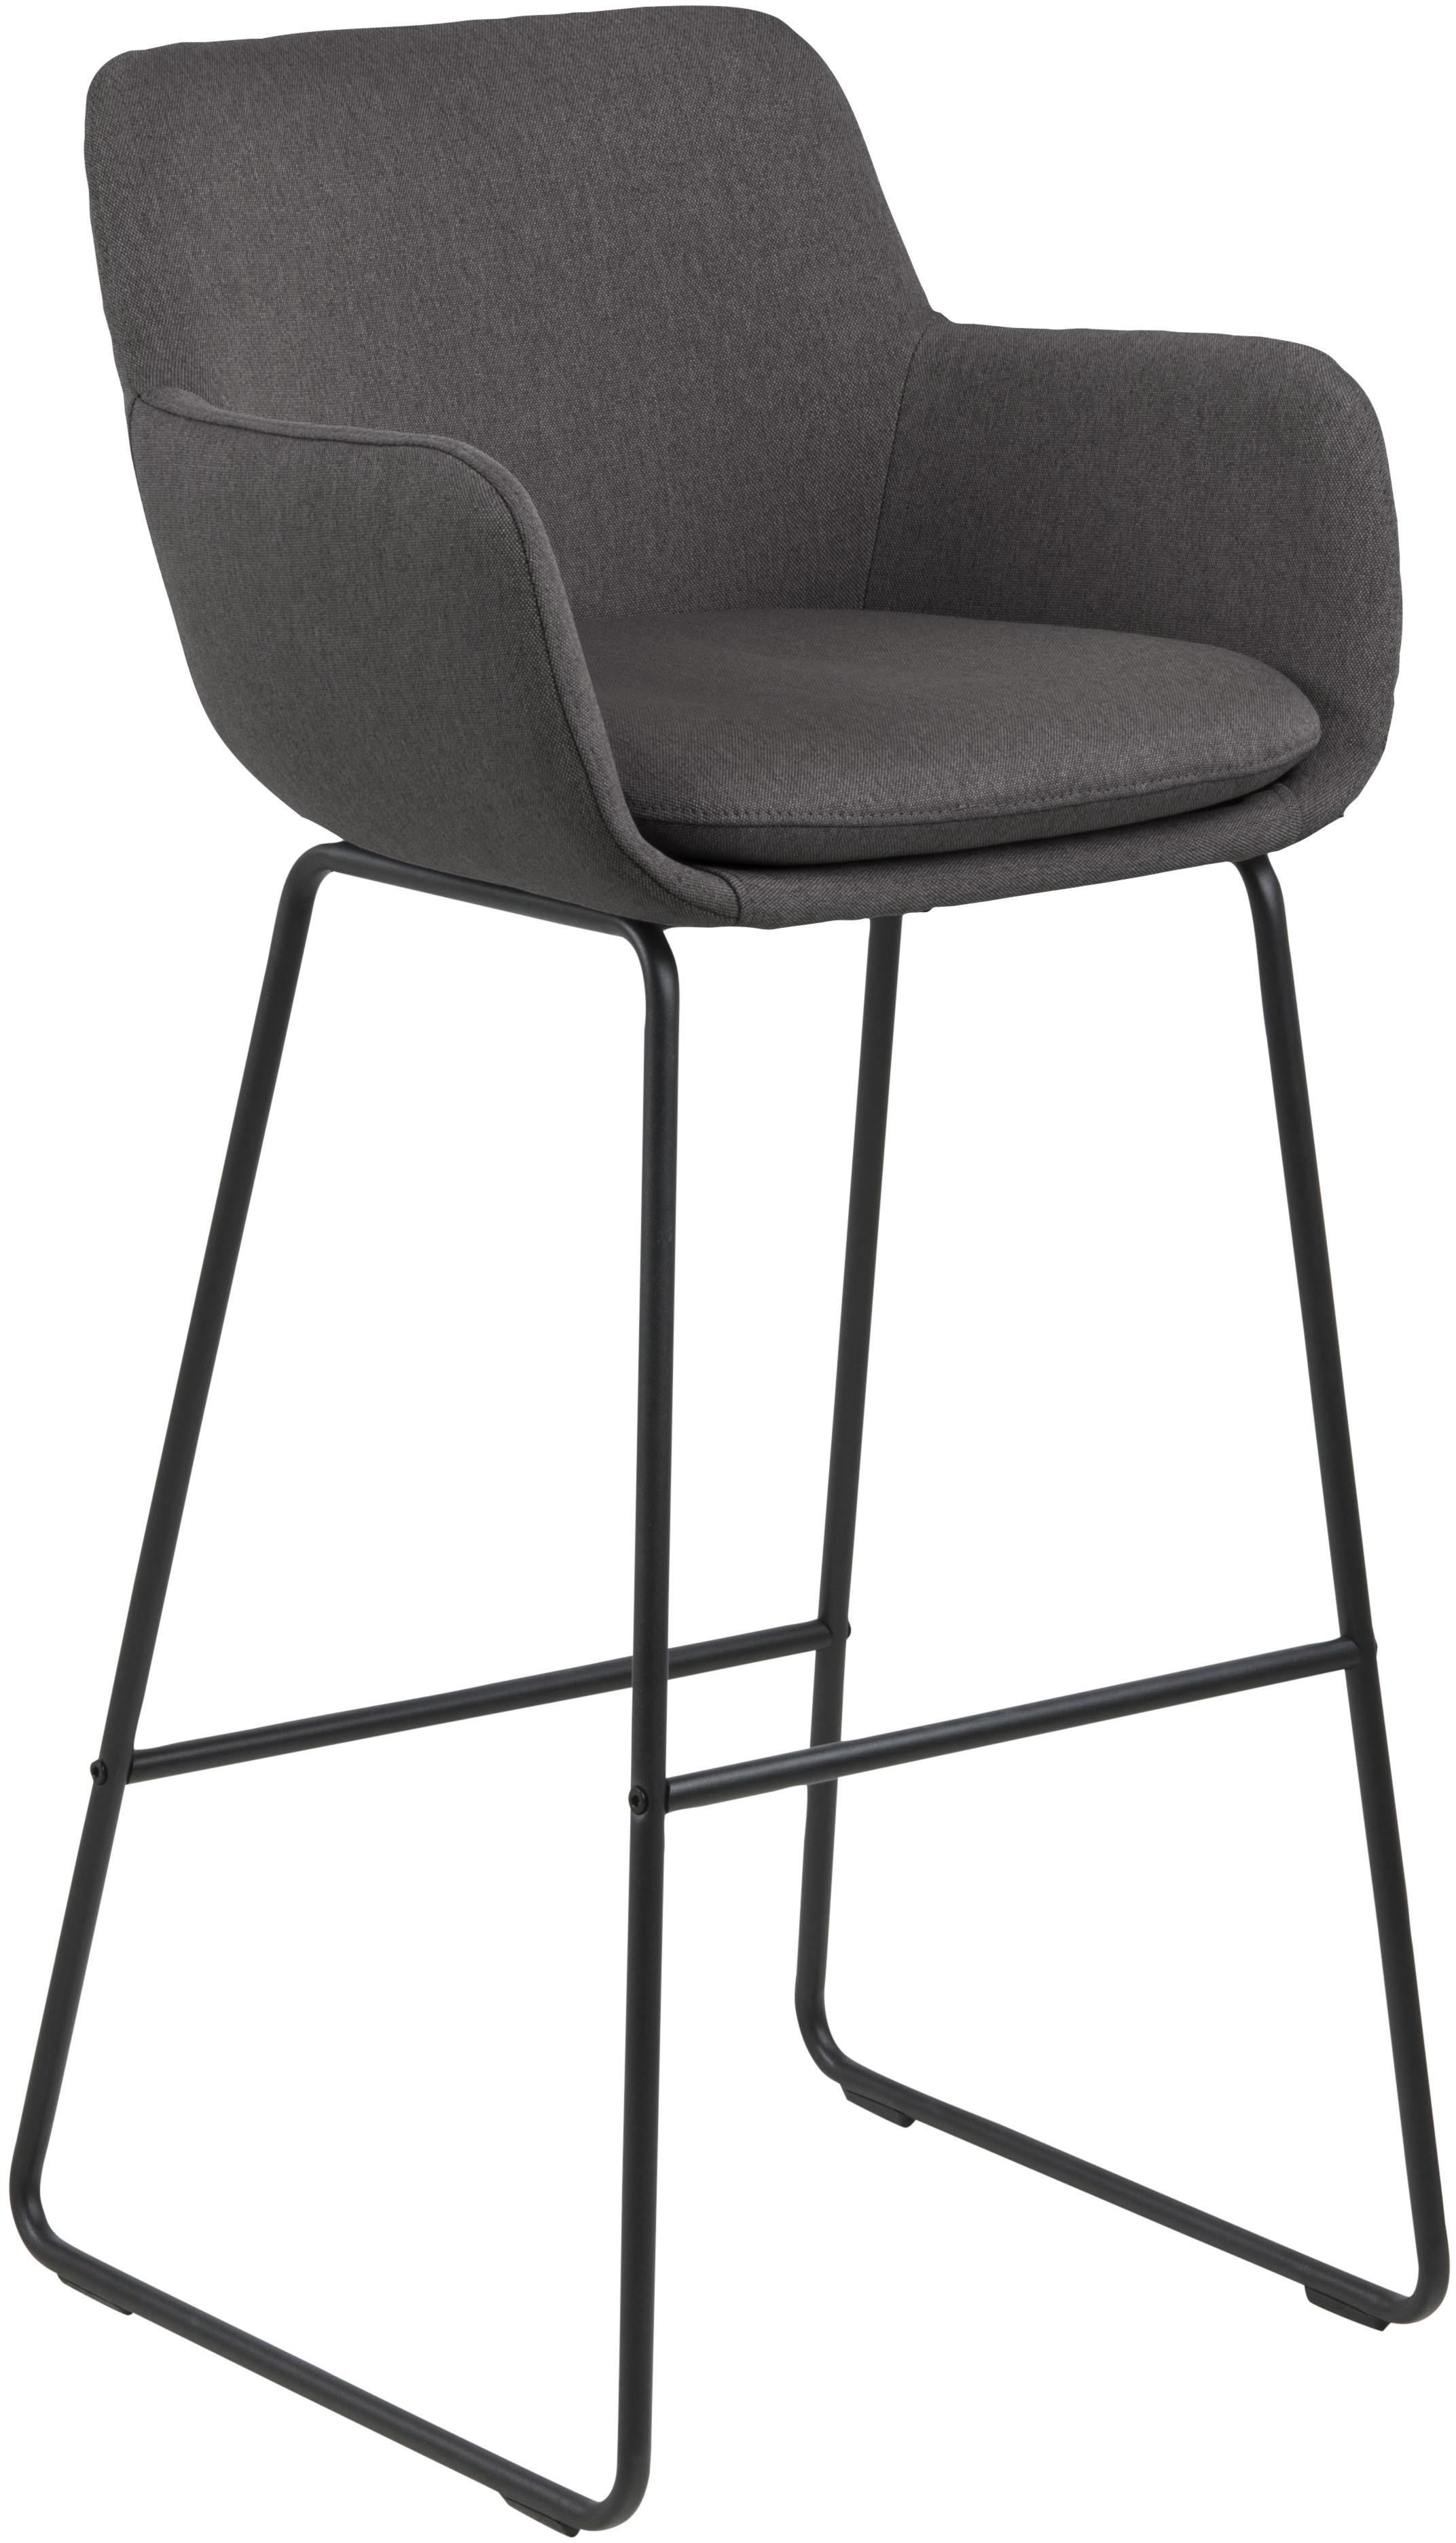 Krzesło barowe Lisa, 2 szt., Tapicerka: poliester, Stelaż: metal malowany proszkowo, Ciemnyszary, czarny, S 52 x W 100 cm